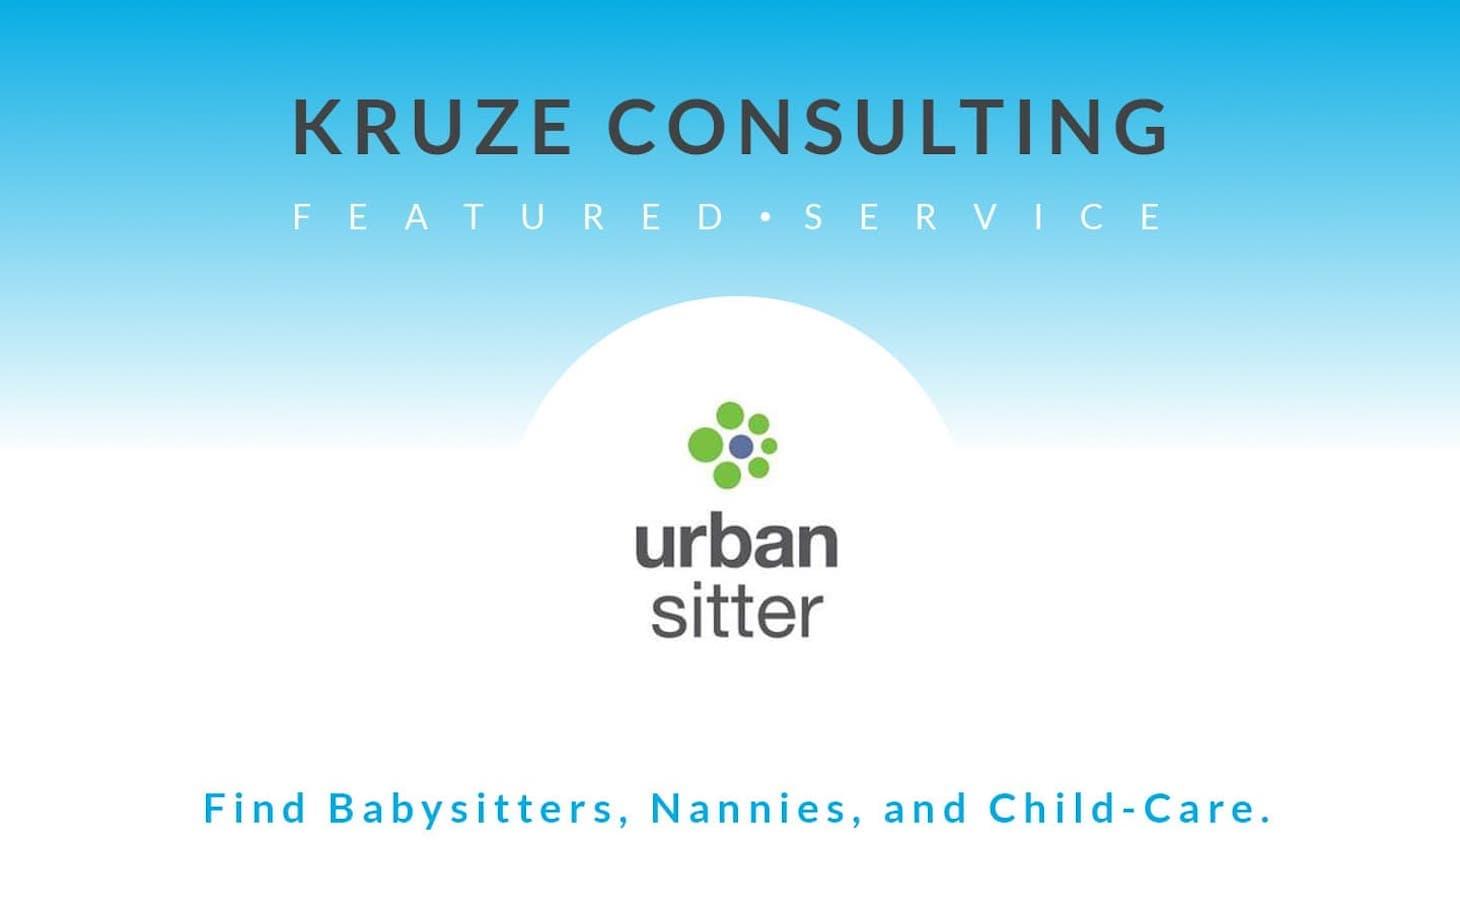 Featured Service - UrbanSitter